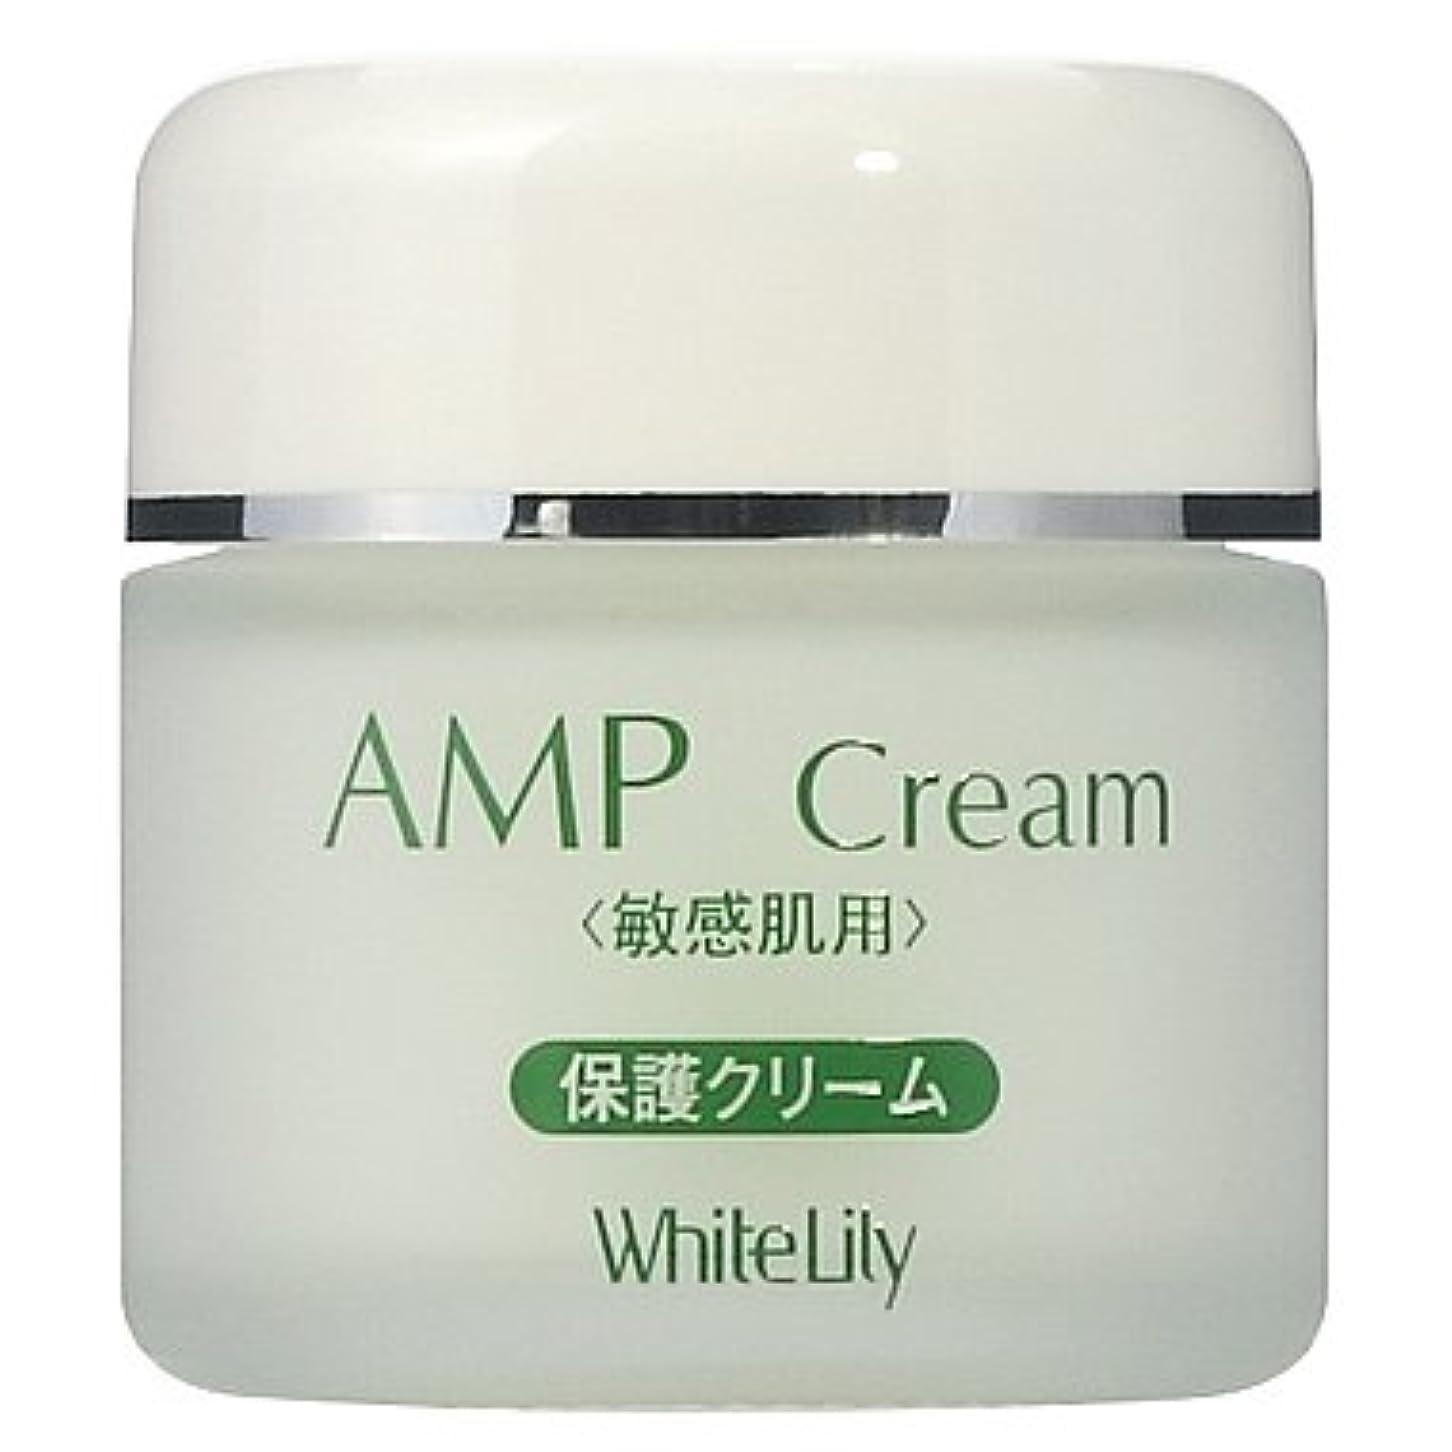 締める五十部分ホワイトリリー AMPクリーム 40g クリーム